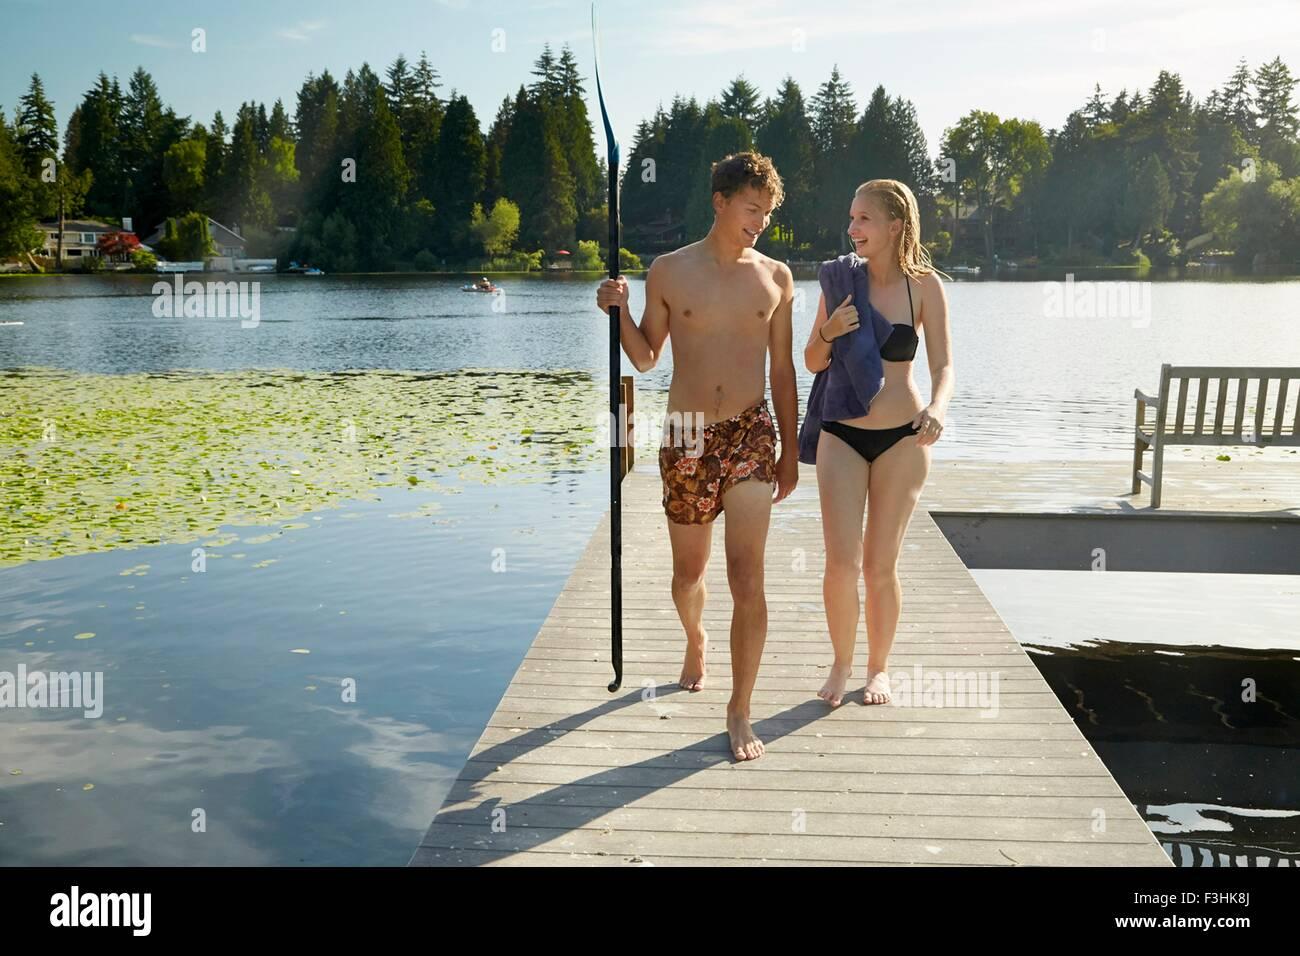 Par saliendo del lago después de nadar, Seattle, Washington, EE.UU. Imagen De Stock